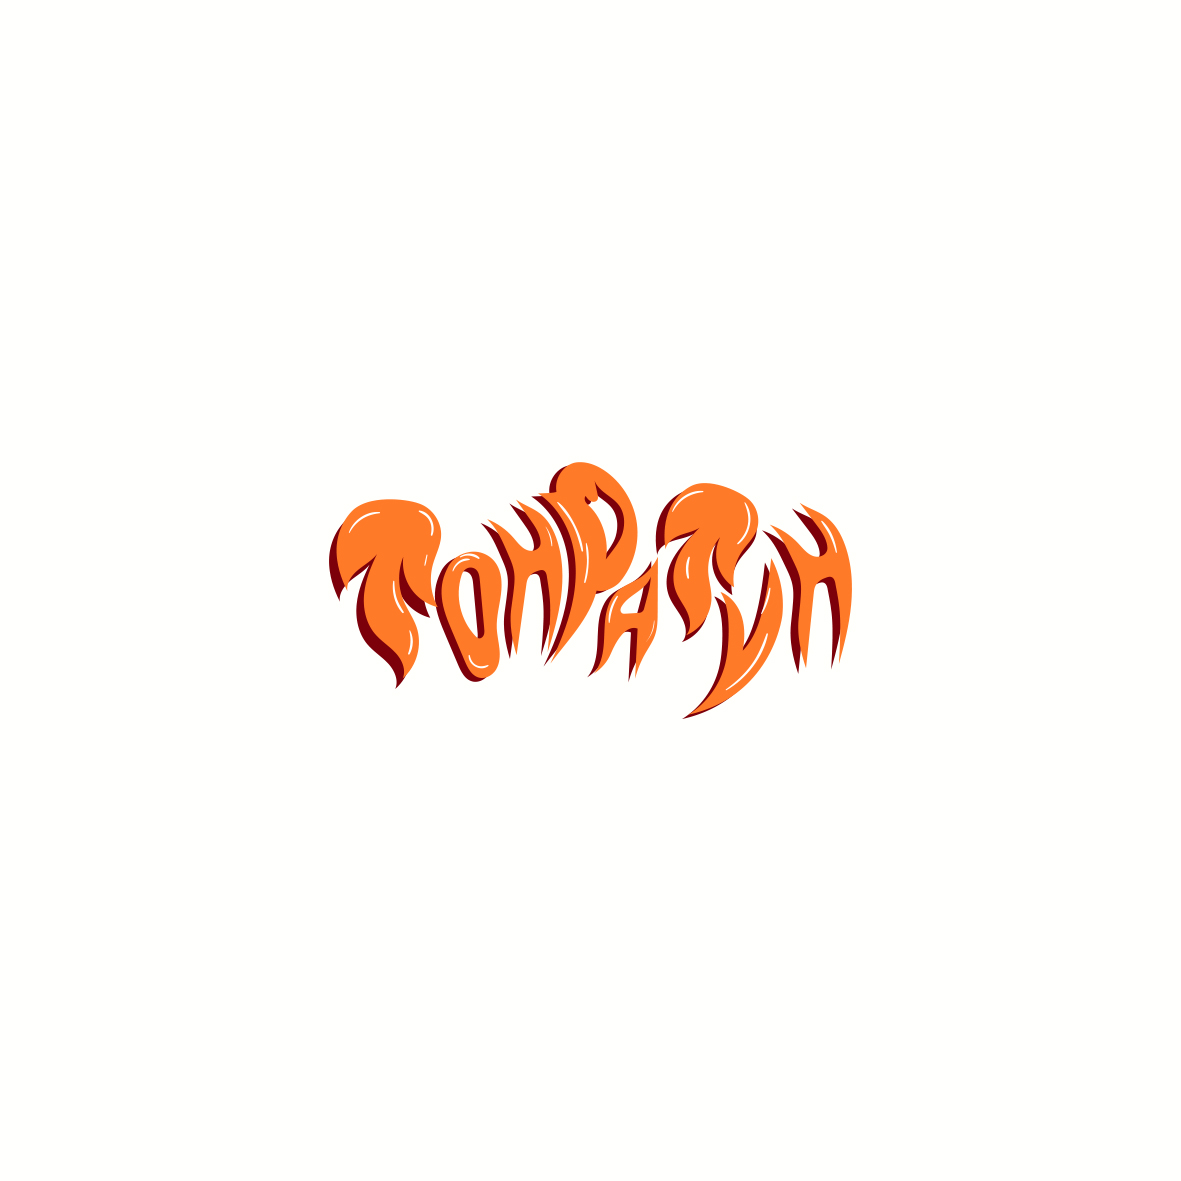 Логотип для Пекарни-Тандырной  фото f_6325d91fc1351193.jpg